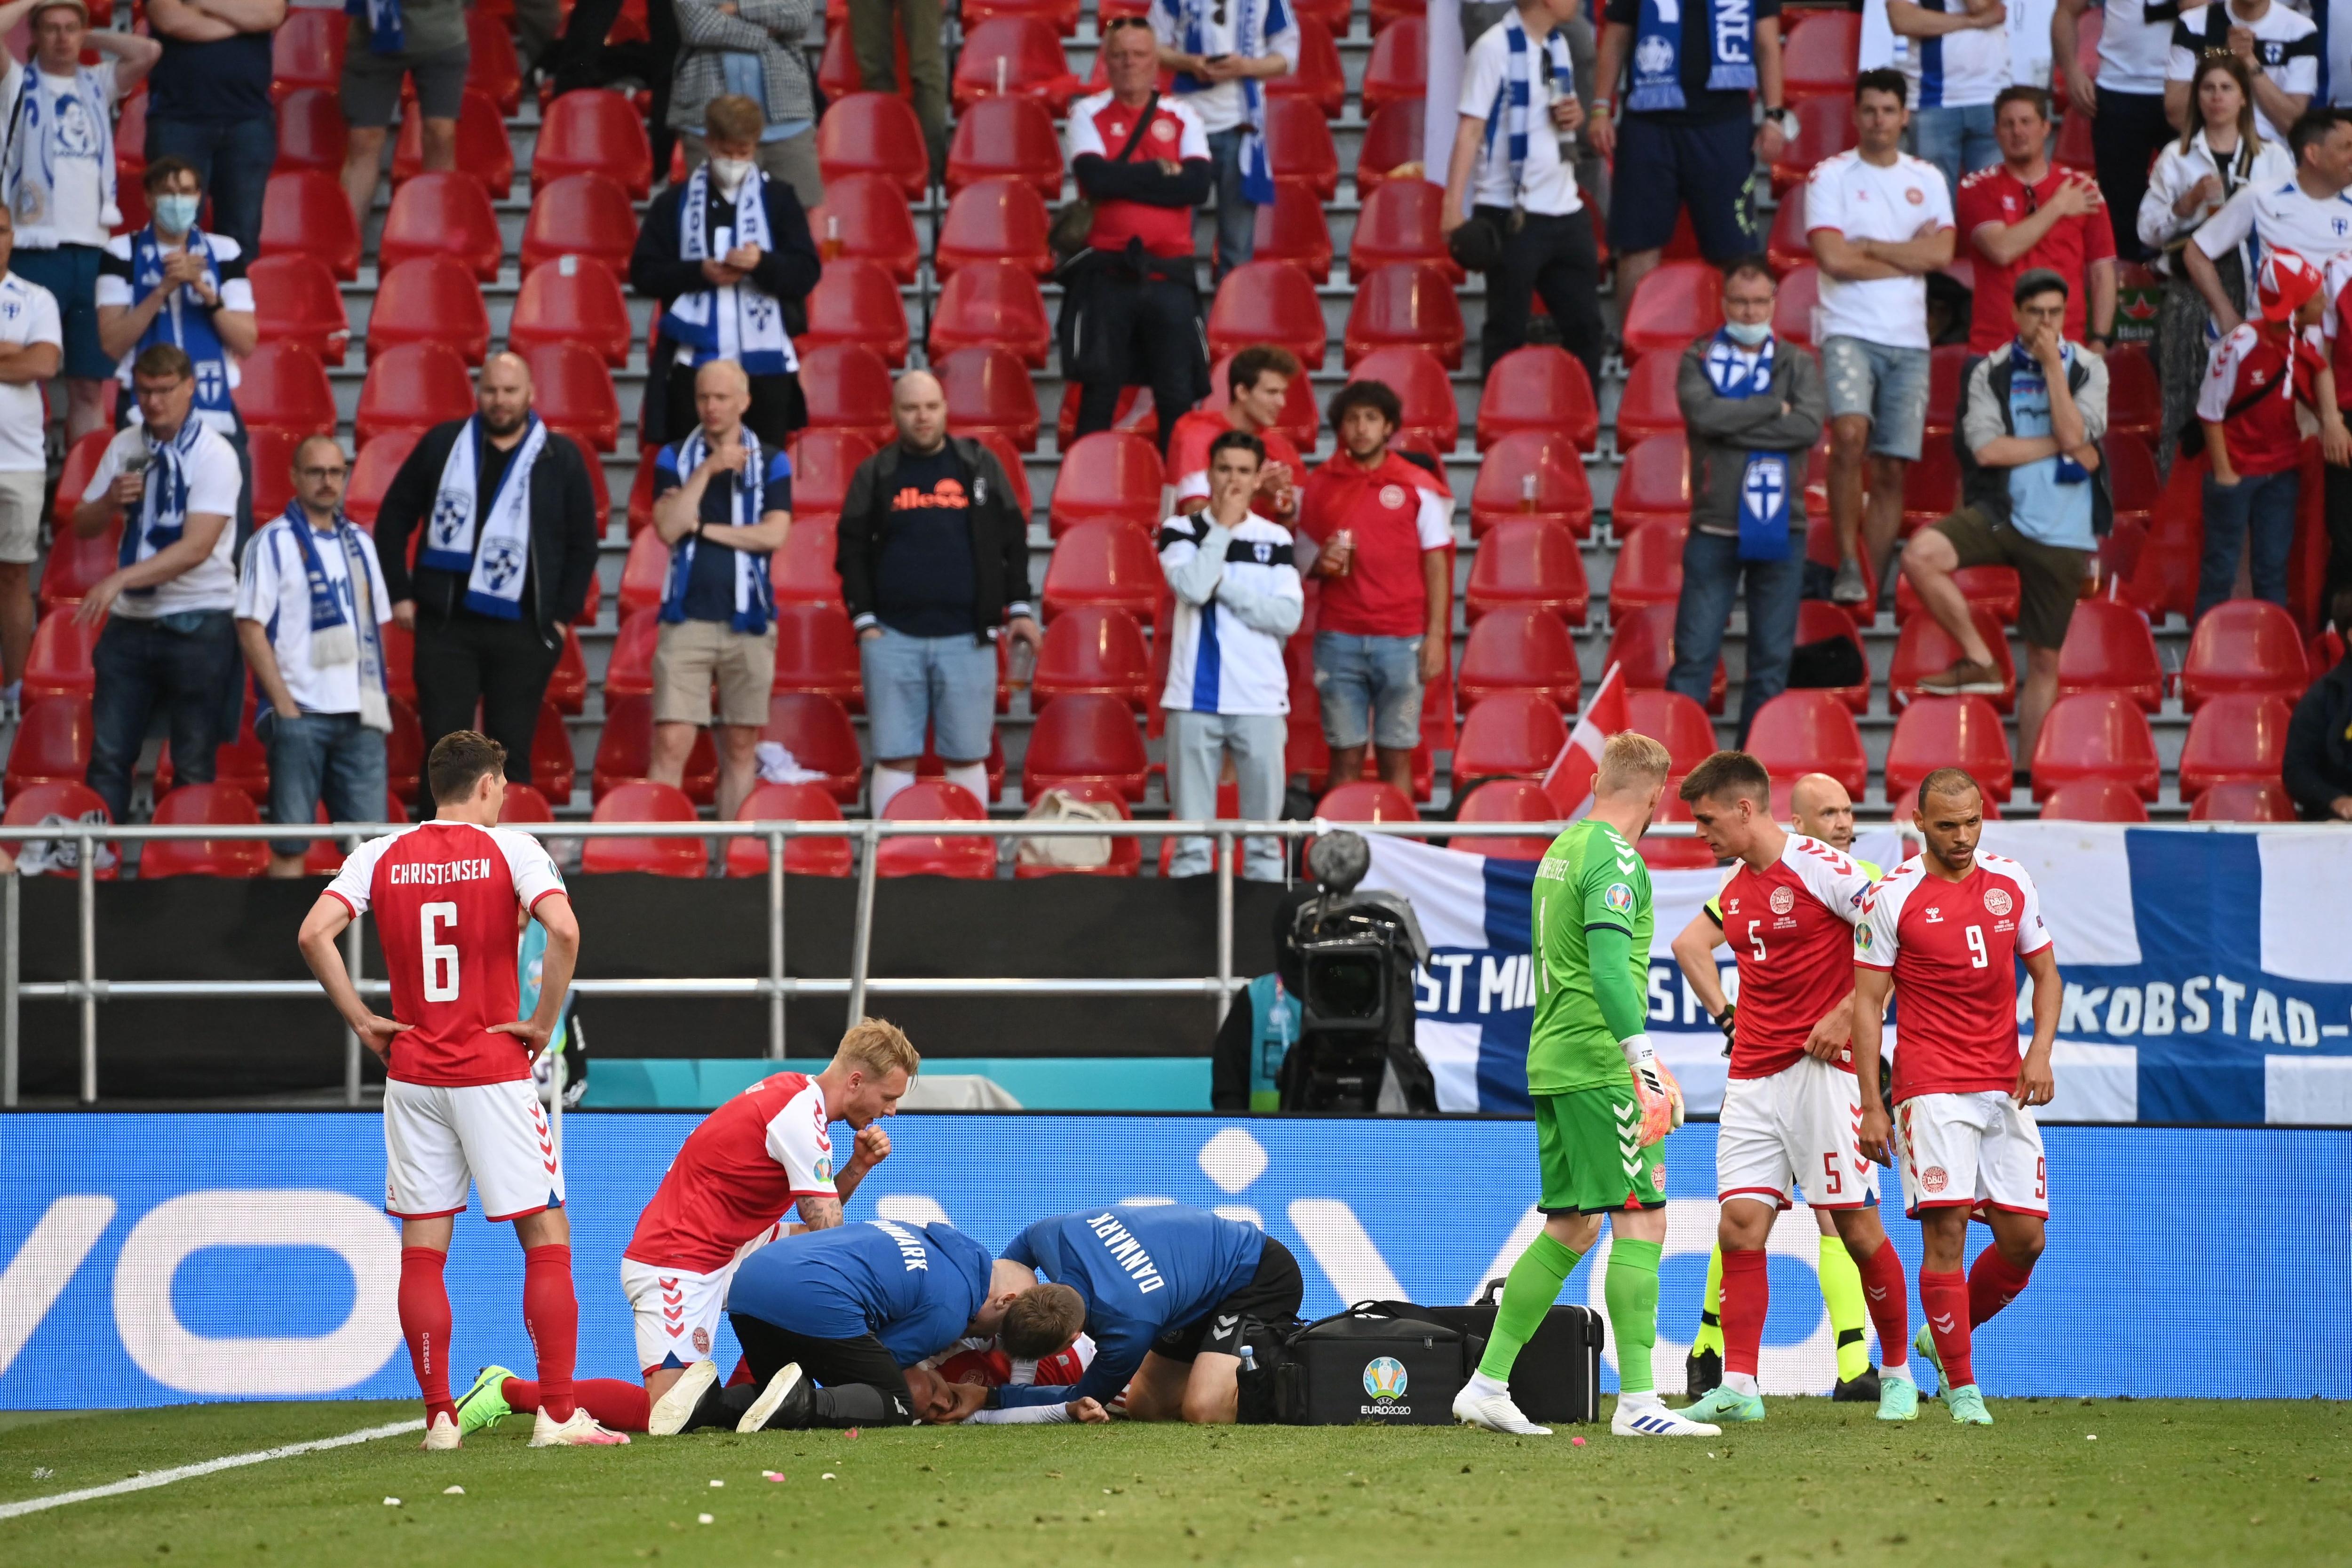 El momento en que Christian Eriksen se desplomó en pleno campo de juego (REUTERS/Jonathan Nackstrand)